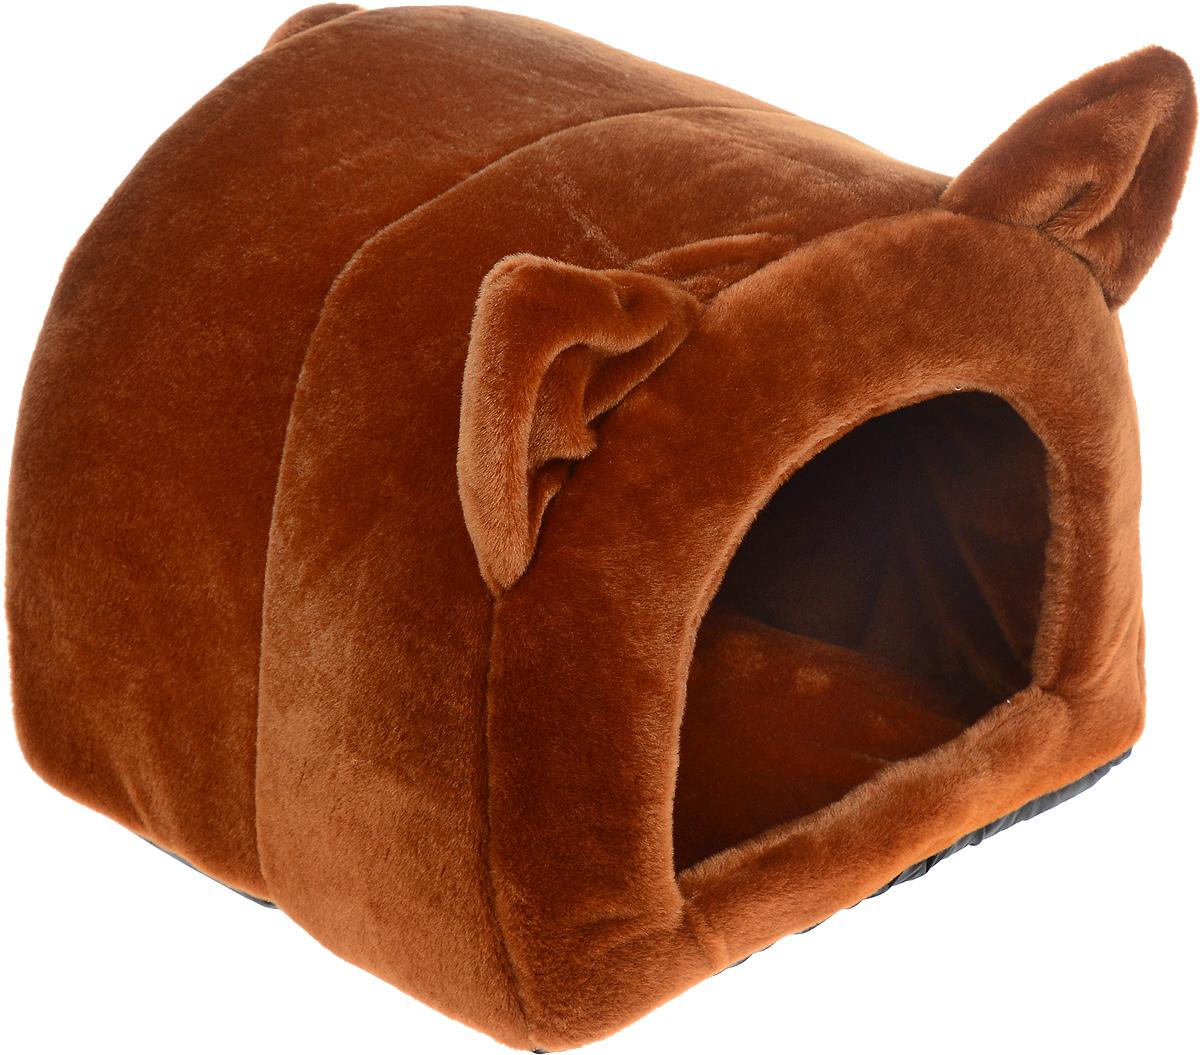 Домик-лежанка Зоомарк Ушастик, цвет: коричневый, 44 х 40 х 36 смД-26Домик-лежанка Зоомарк Ушастик, выполненный из плюша, с непревзойденным дизайном предназначен для кошек и мелких собак. Очень удобен и вместителен. Изделие гармонично украсит интерьер, подчеркнет вашу индивидуальность и будет радовать вас и вашего питомца.